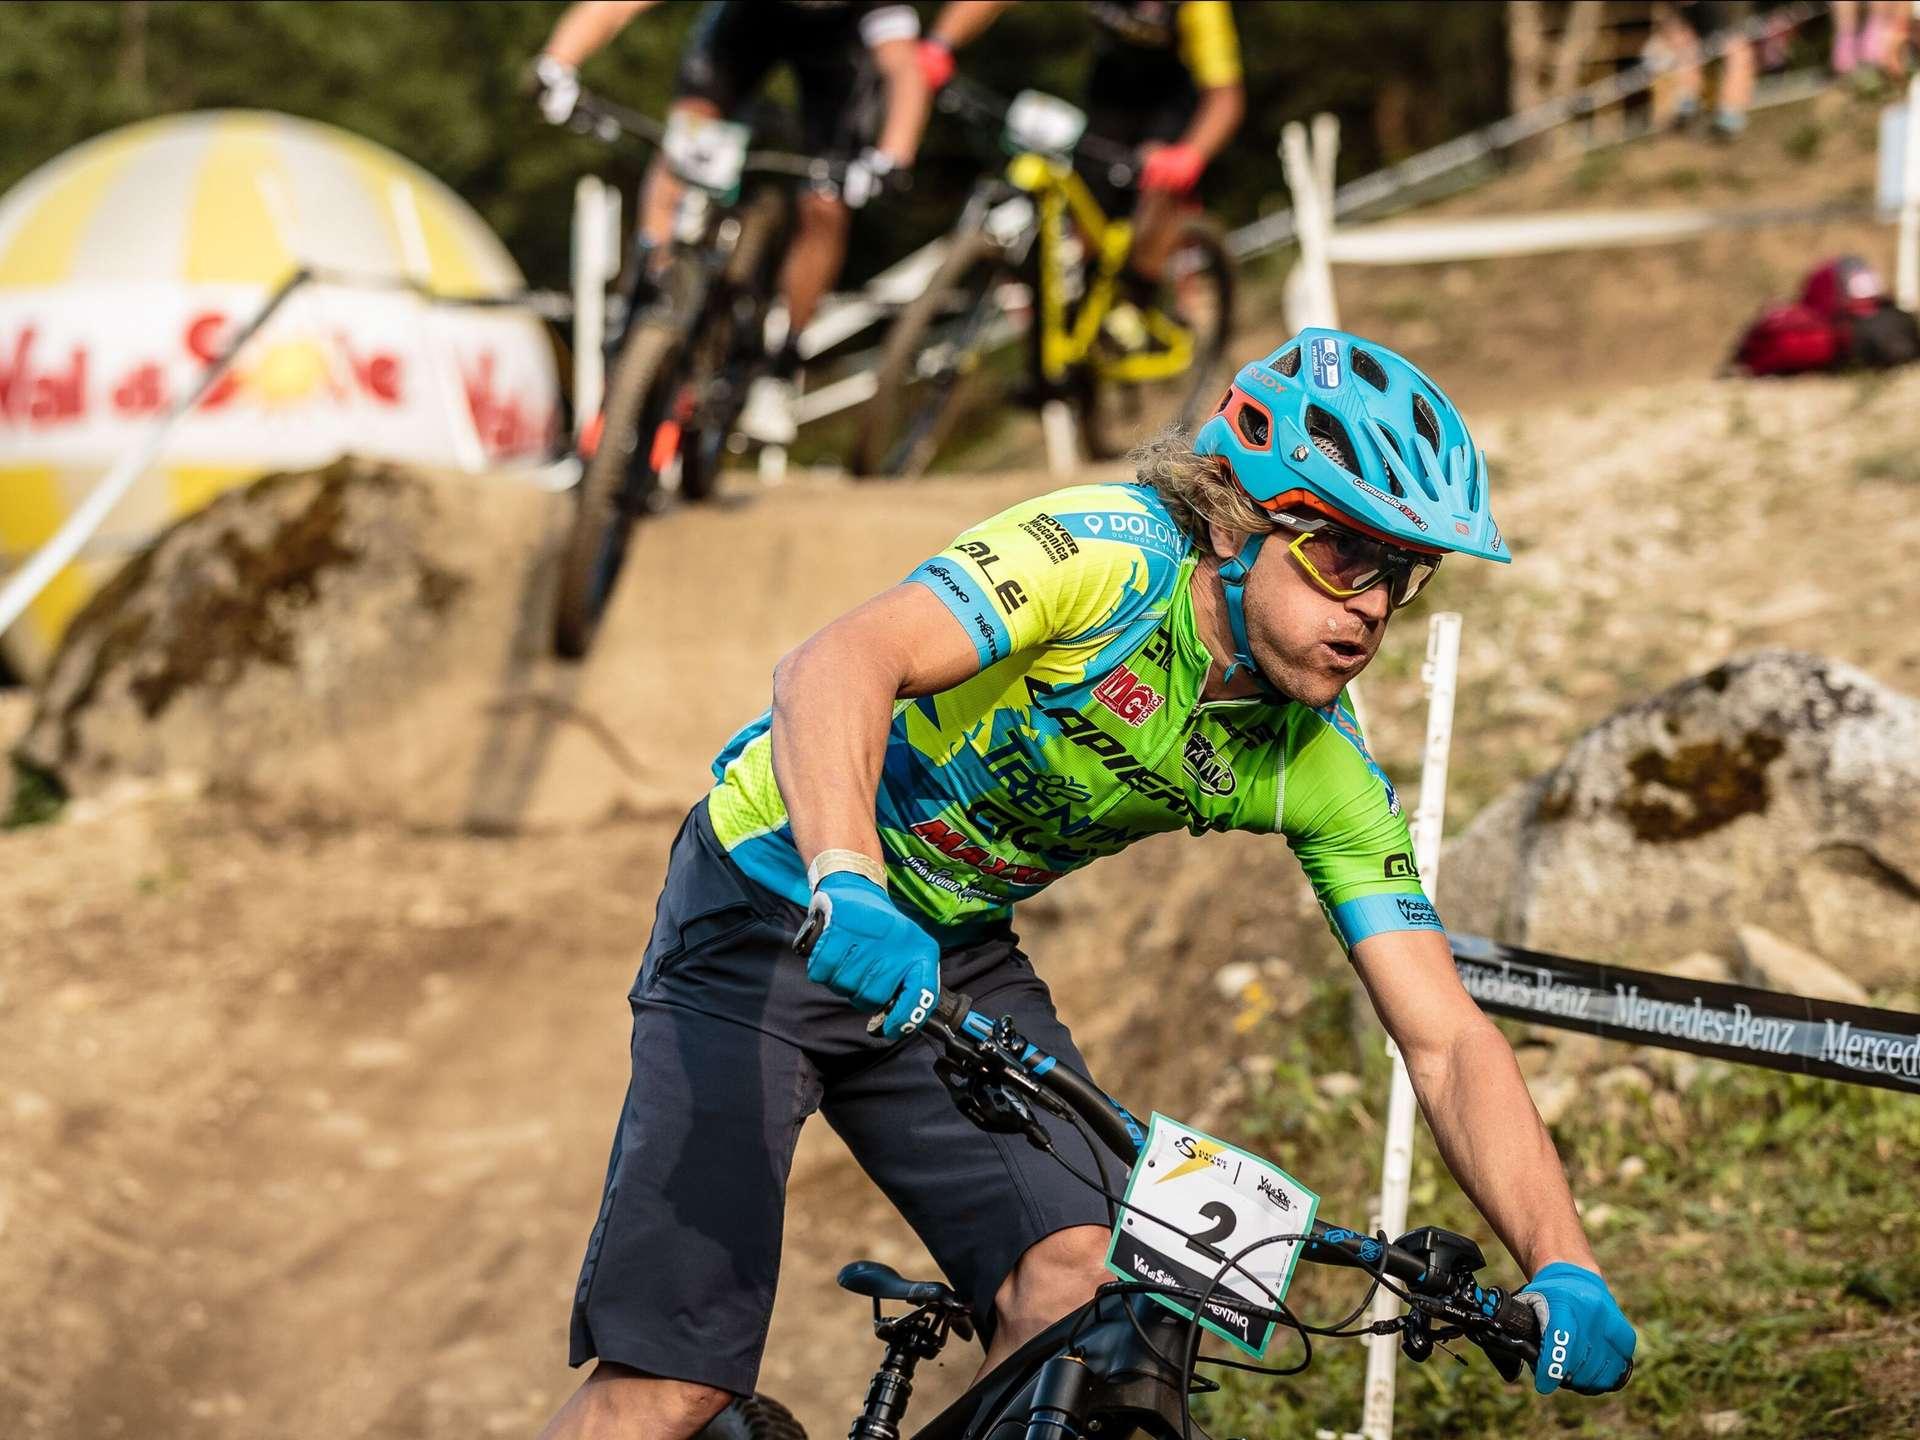 Martino Fruet - Lapierre Trentino Alè